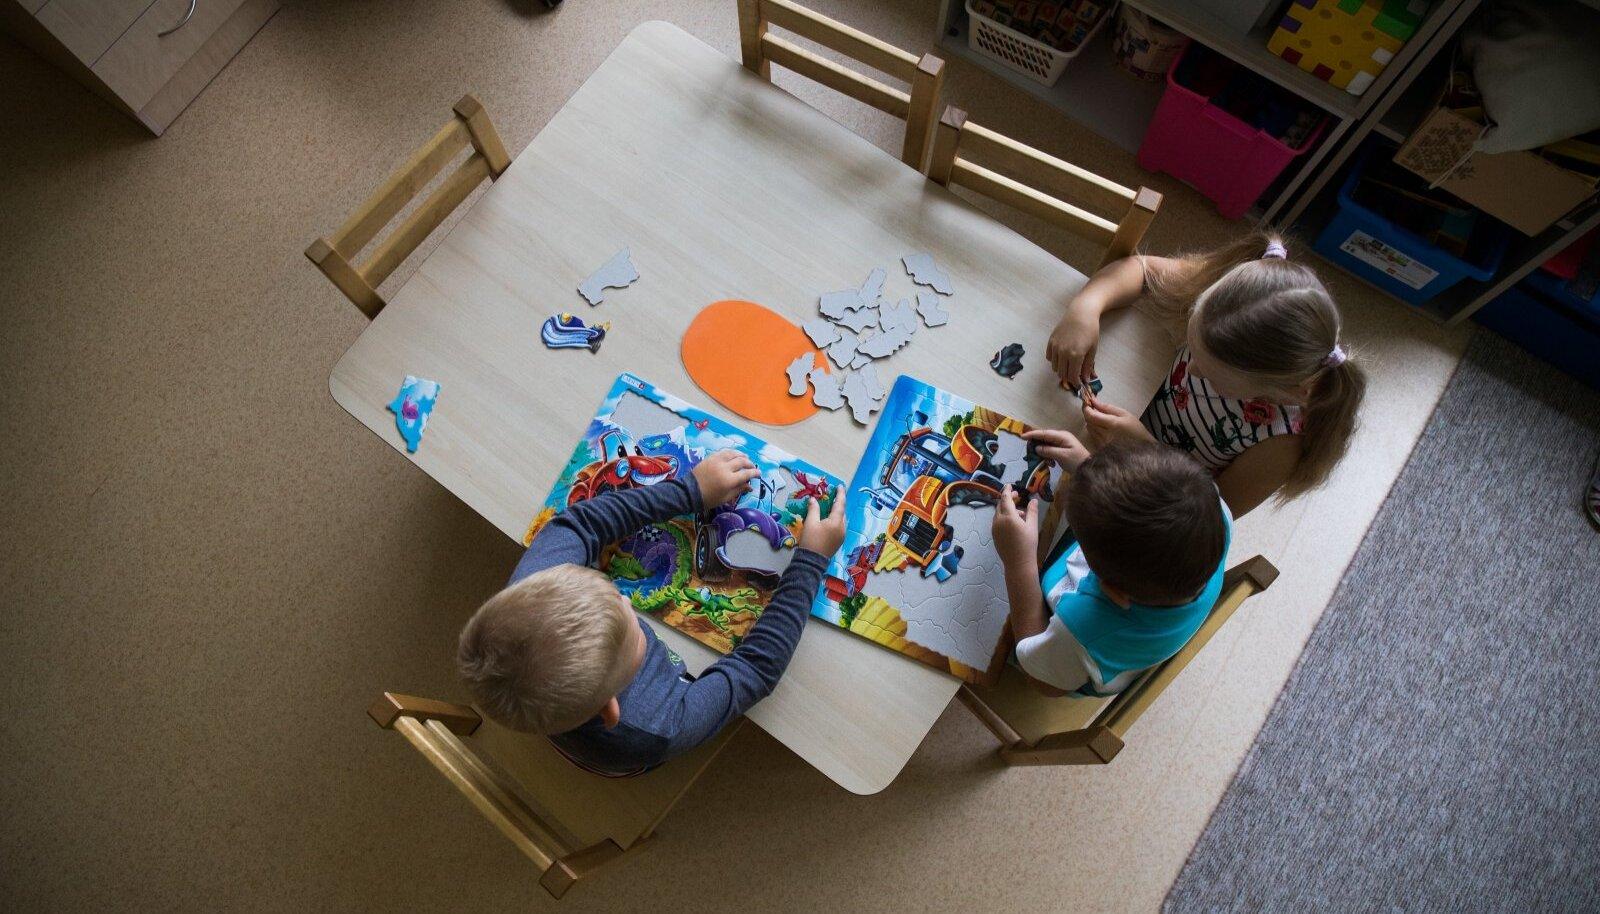 Eelnõu järgi pakub lasteaiakoha omavalitsus ja vanemal jääb üle see vastu võtta või keelduda.